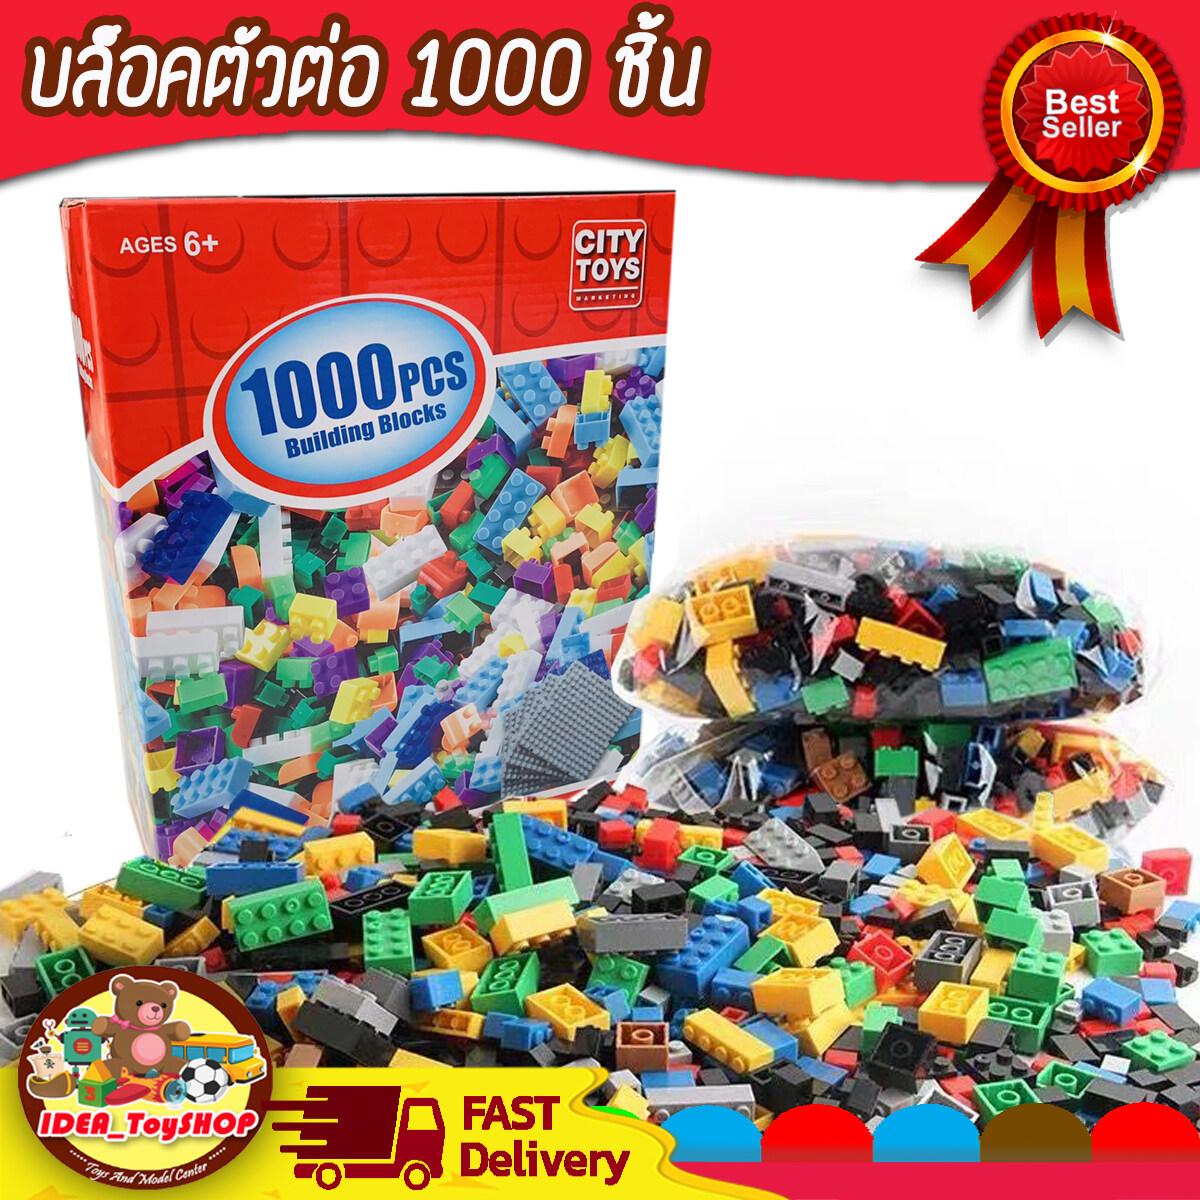 บล๊อกตัวต่อ เสริมพัฒนาการ 1000 ชิ้น ของเล่นเด็ก Toys สร้างเสริมพัฒนาการเด็ก ของเล่นสำหรับเด็ก Kidtoy.